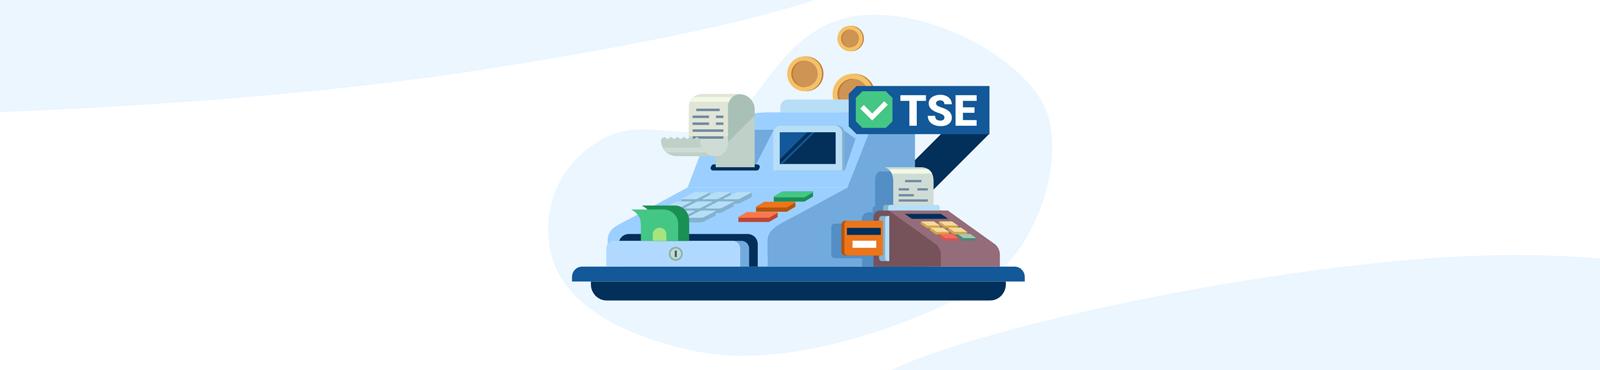 TSE-Lösung: Sorglos-Paket für die MeinBüro Registrierkasse